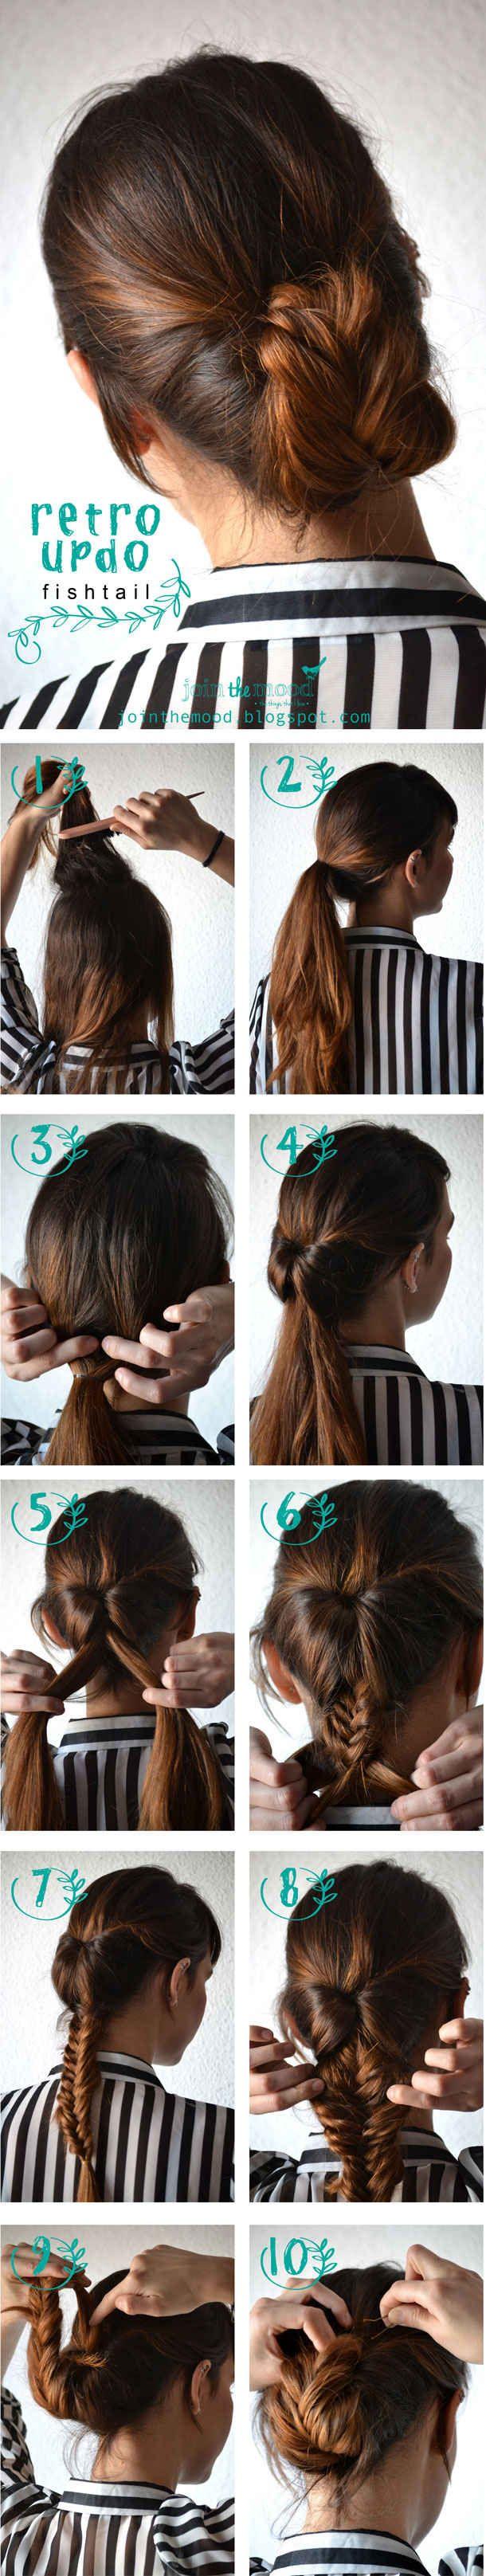 Create a cool retro updo fishtail braid.